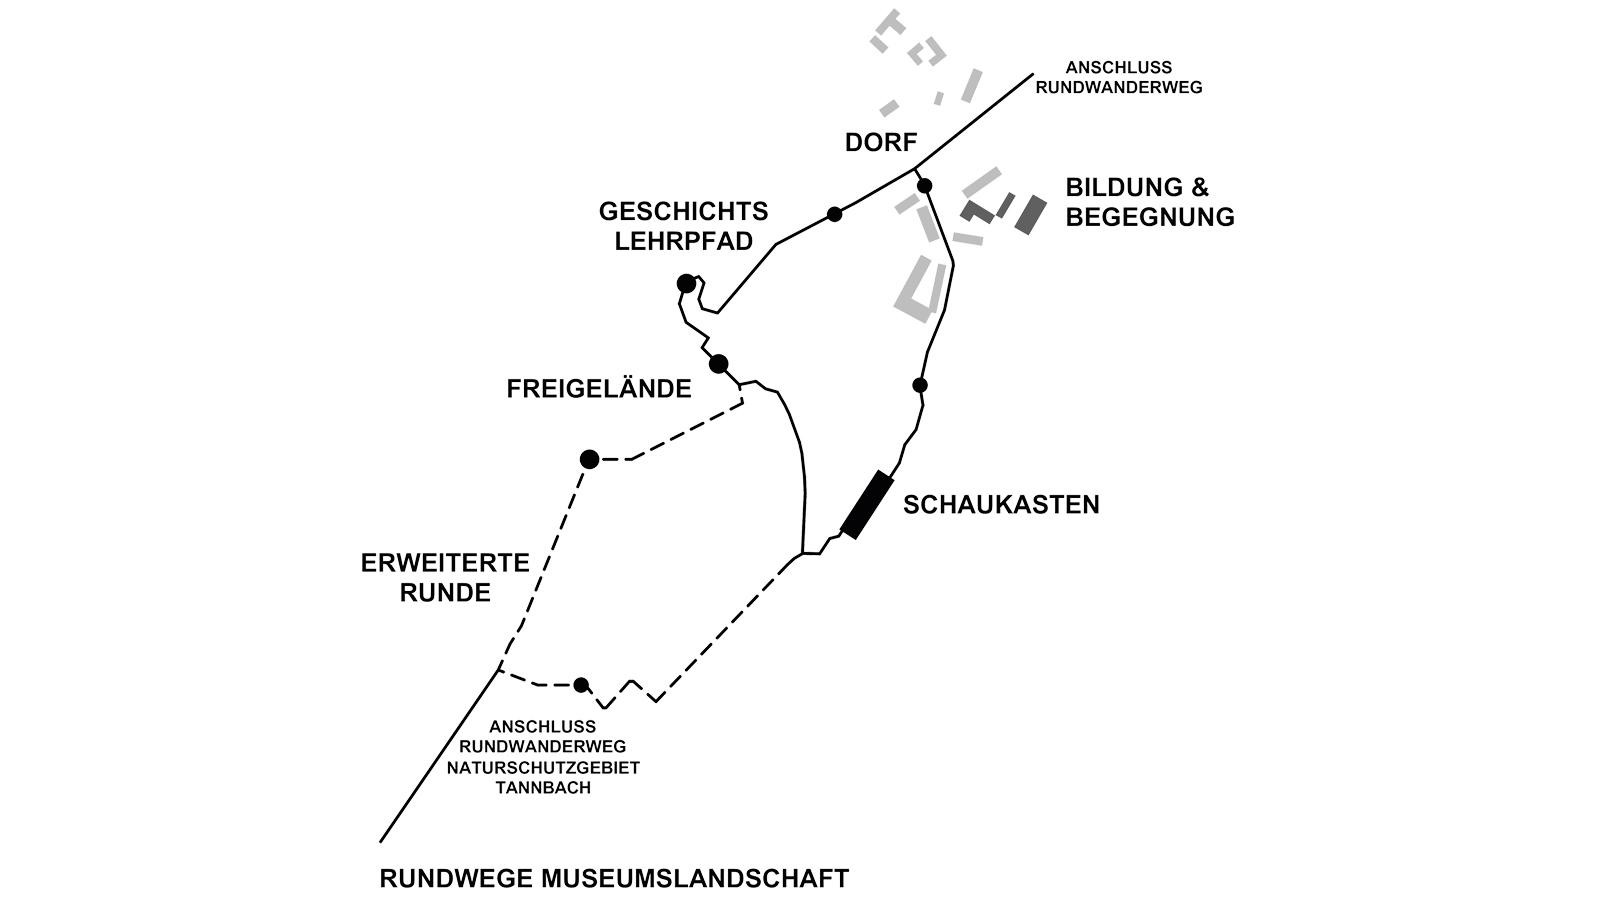 h2m-architekten-deutsch-deutsches-museum-moedlareuth-museumsrundweg